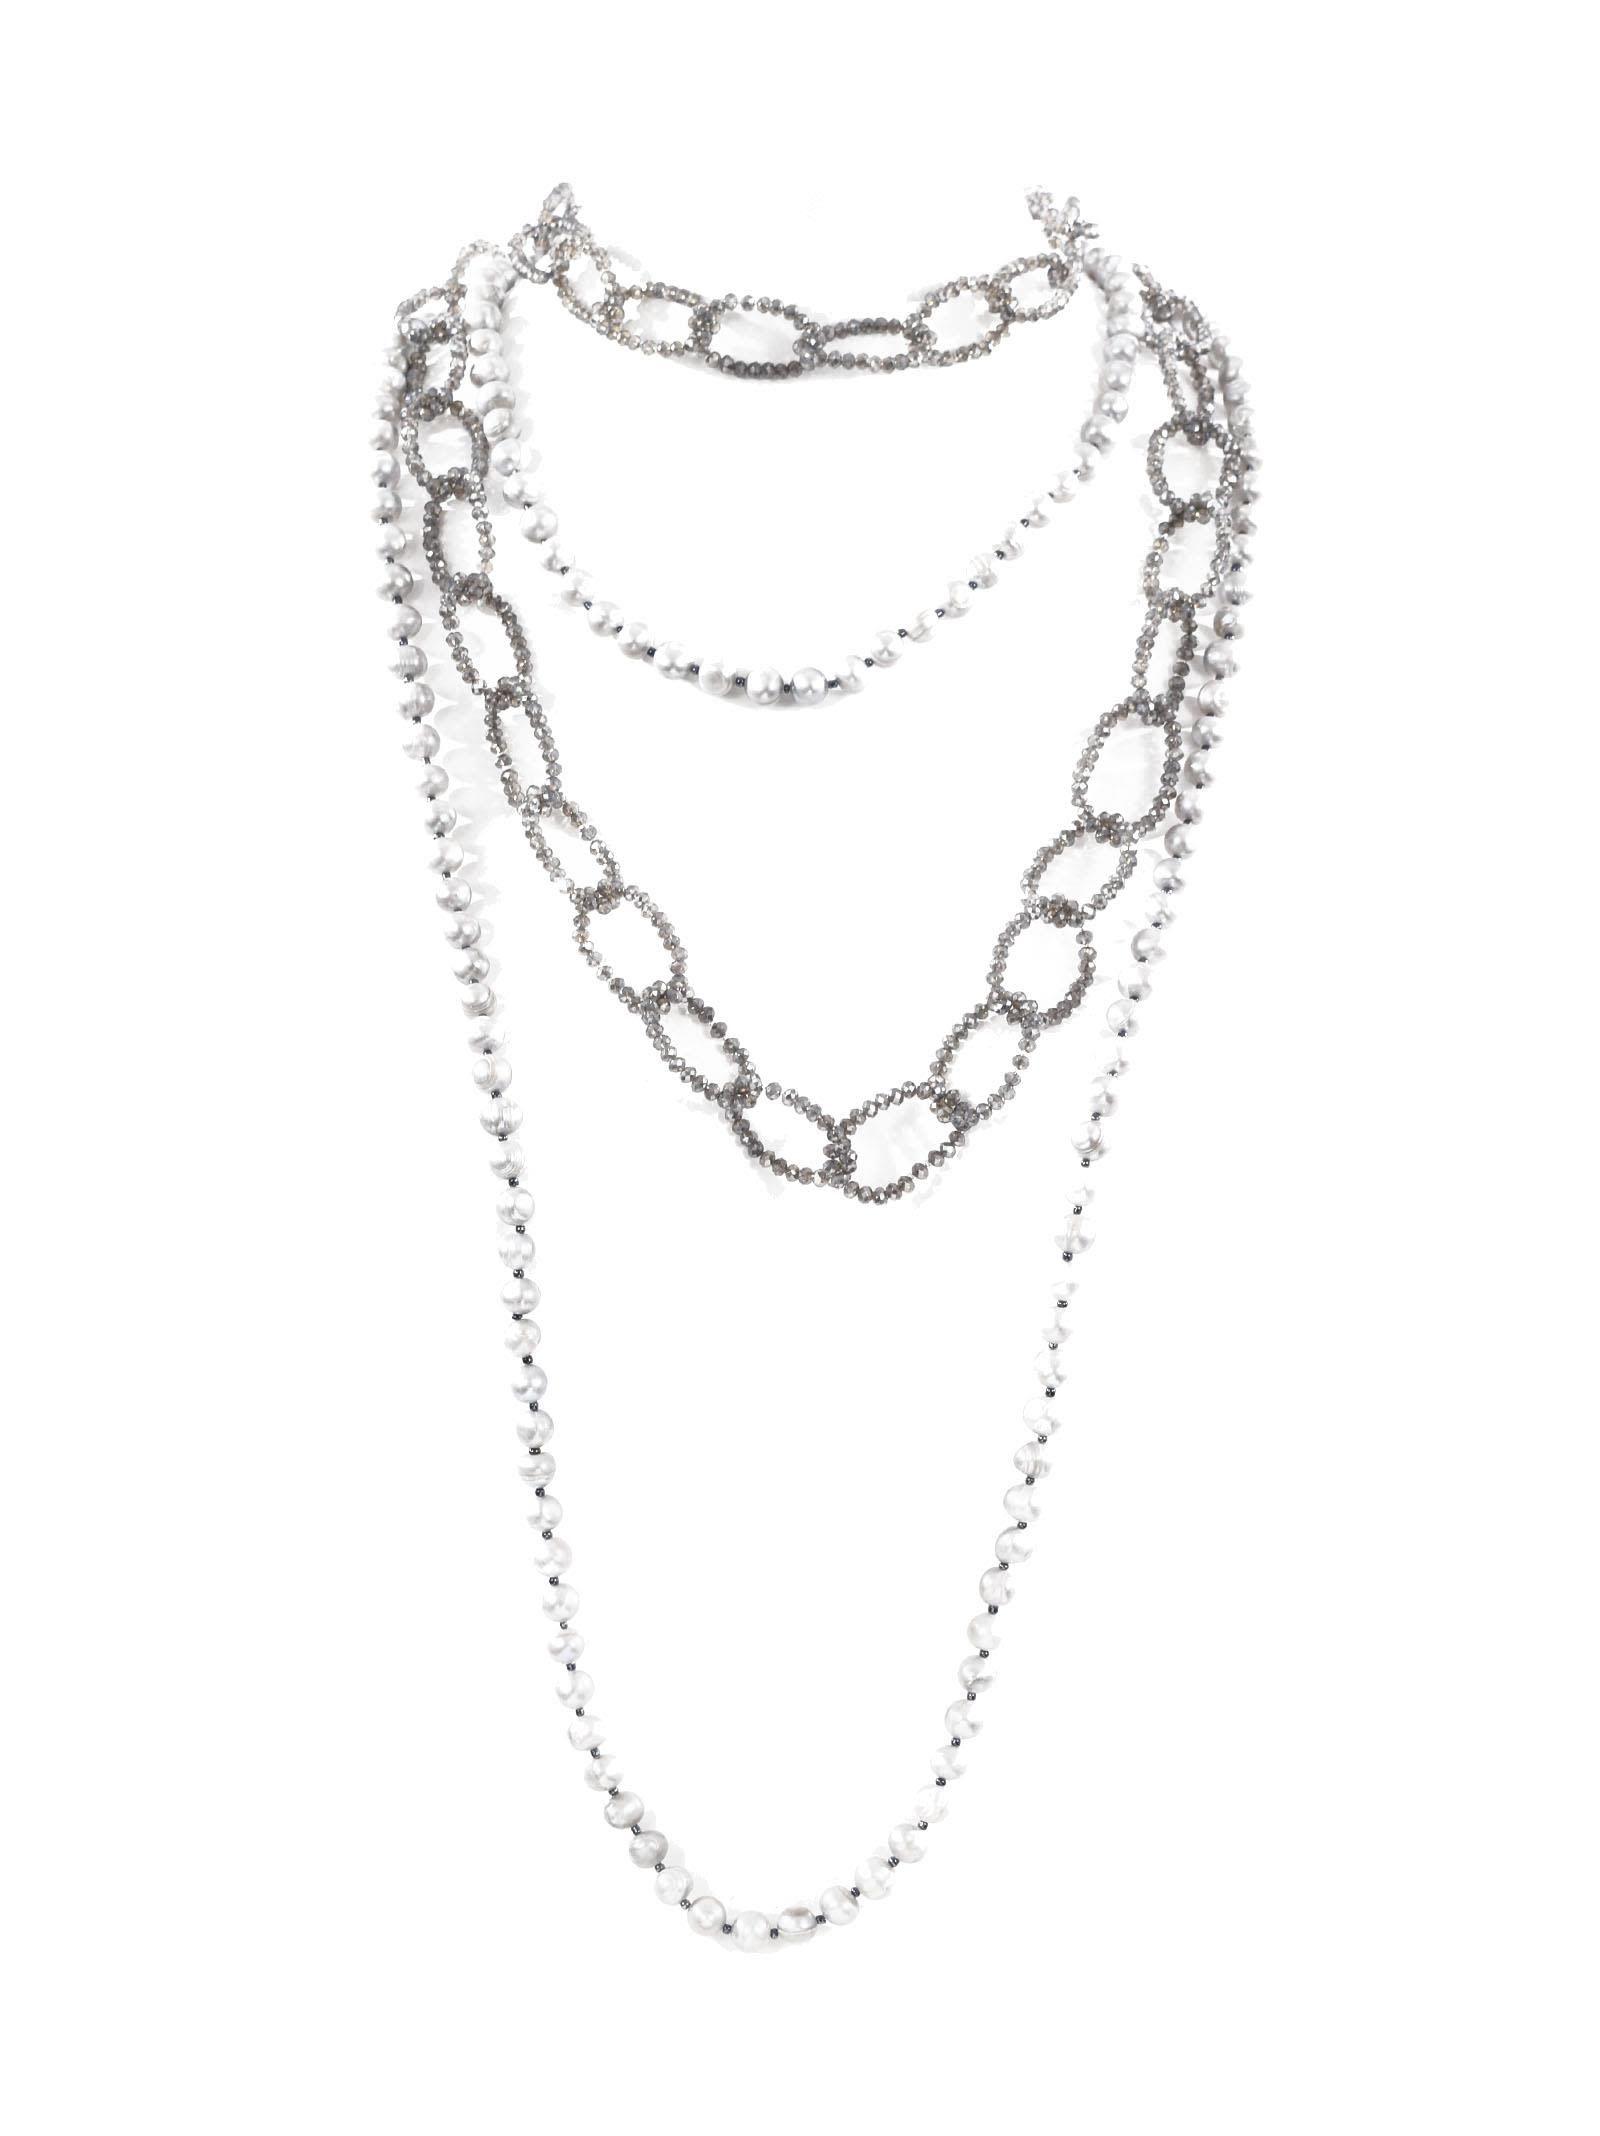 Collier De Perles - Marché De Nuit Blanche tfbIStfS8M